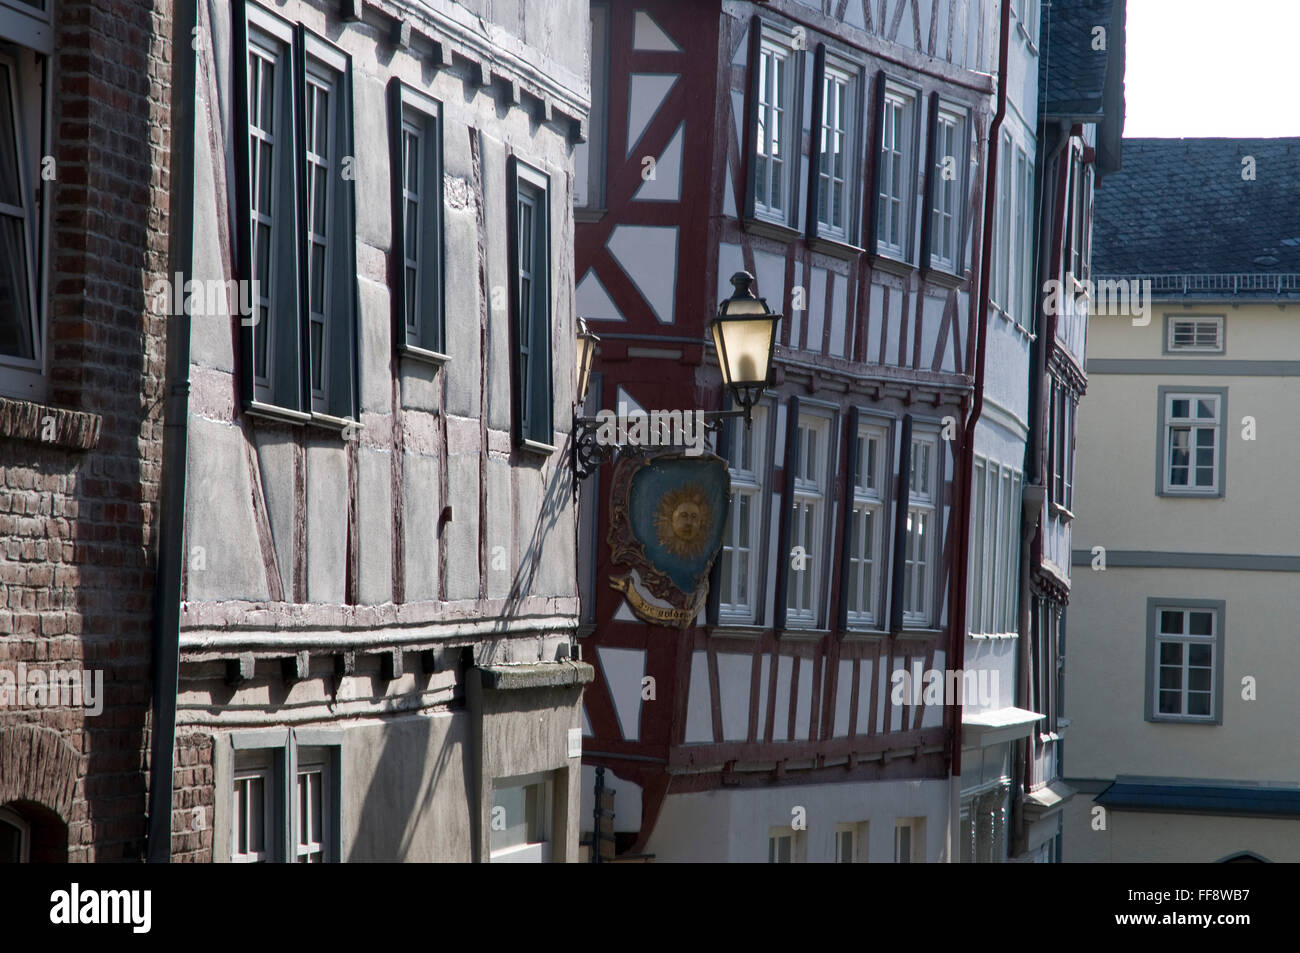 Altstadt Wetzlar Deutschland Old Town Stock Photos & Altstadt ...